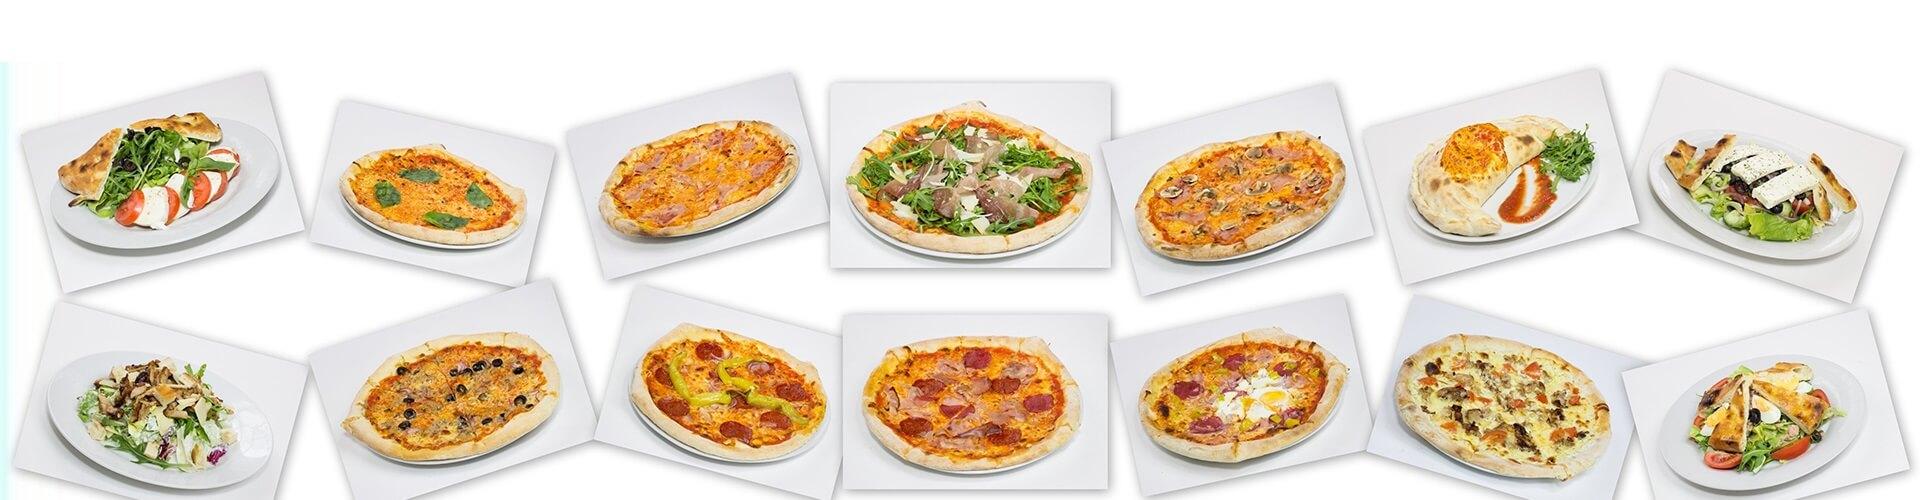 7ceefc05ba Pizza Paradiso Debrecen - Rendelés és házhozszállítás Debrecenben | Menu24